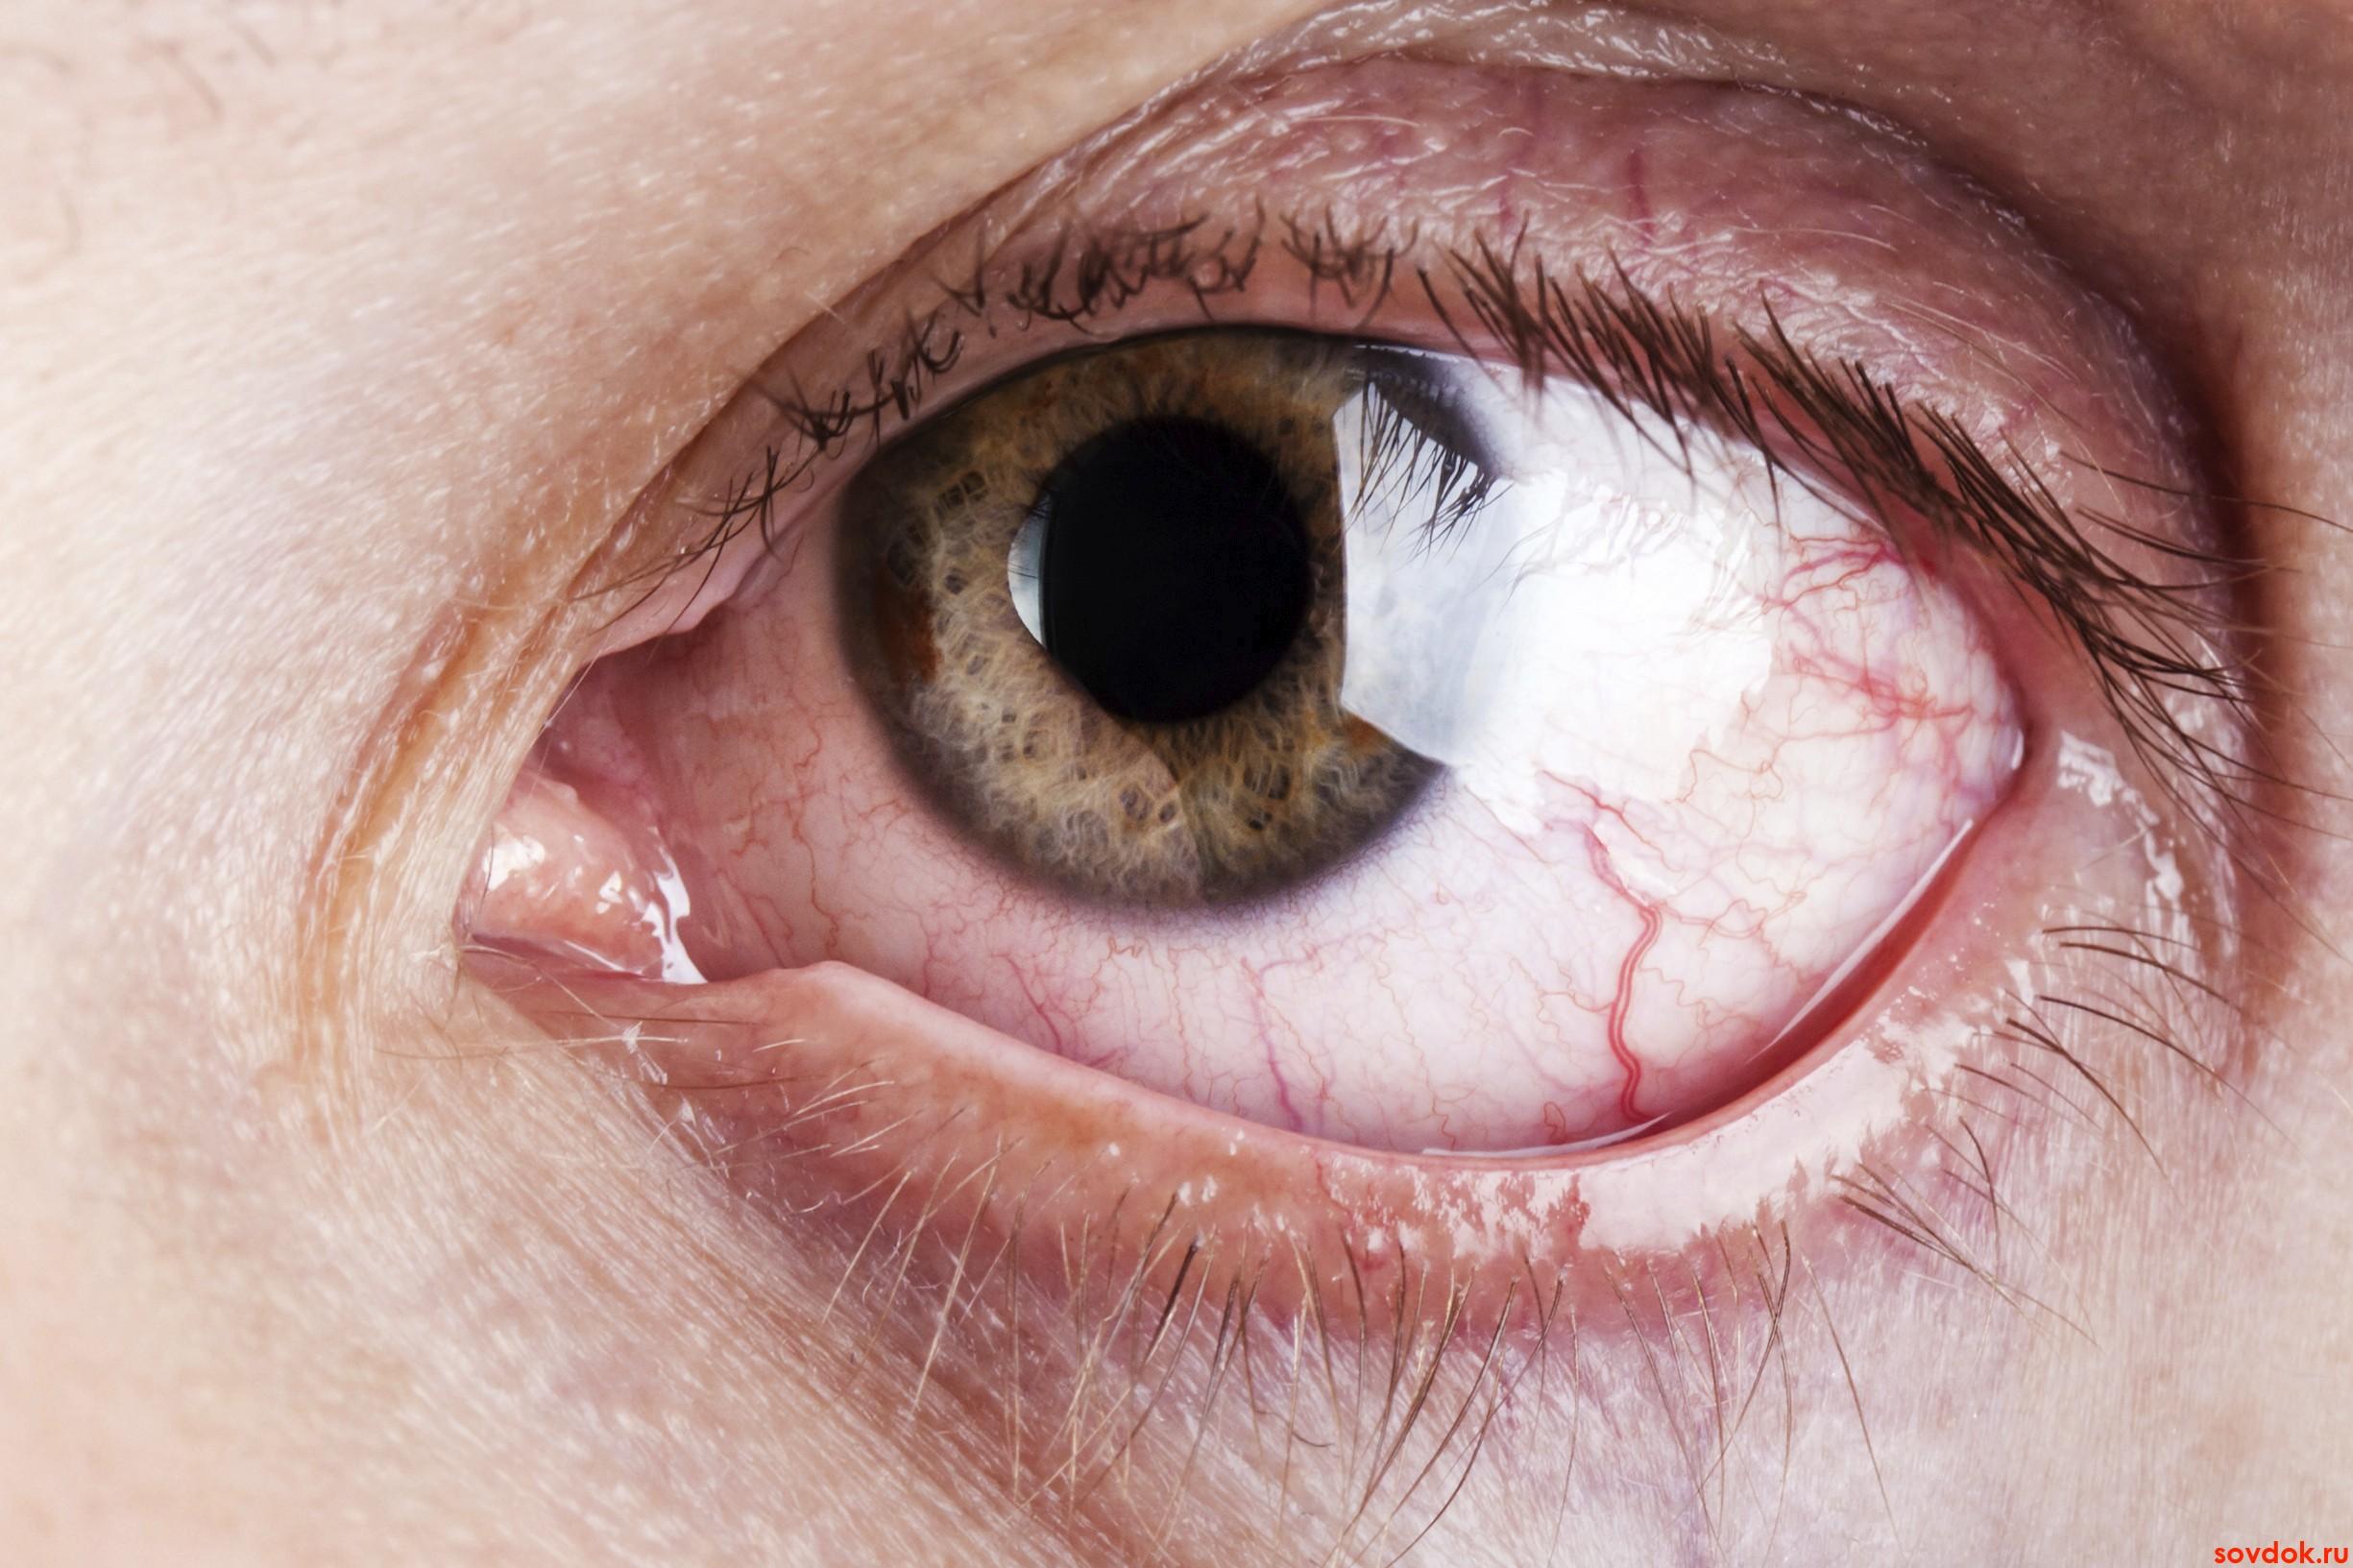 Диабетическая  ретинопатия: новое о развитии диабетического  поражения  глаз